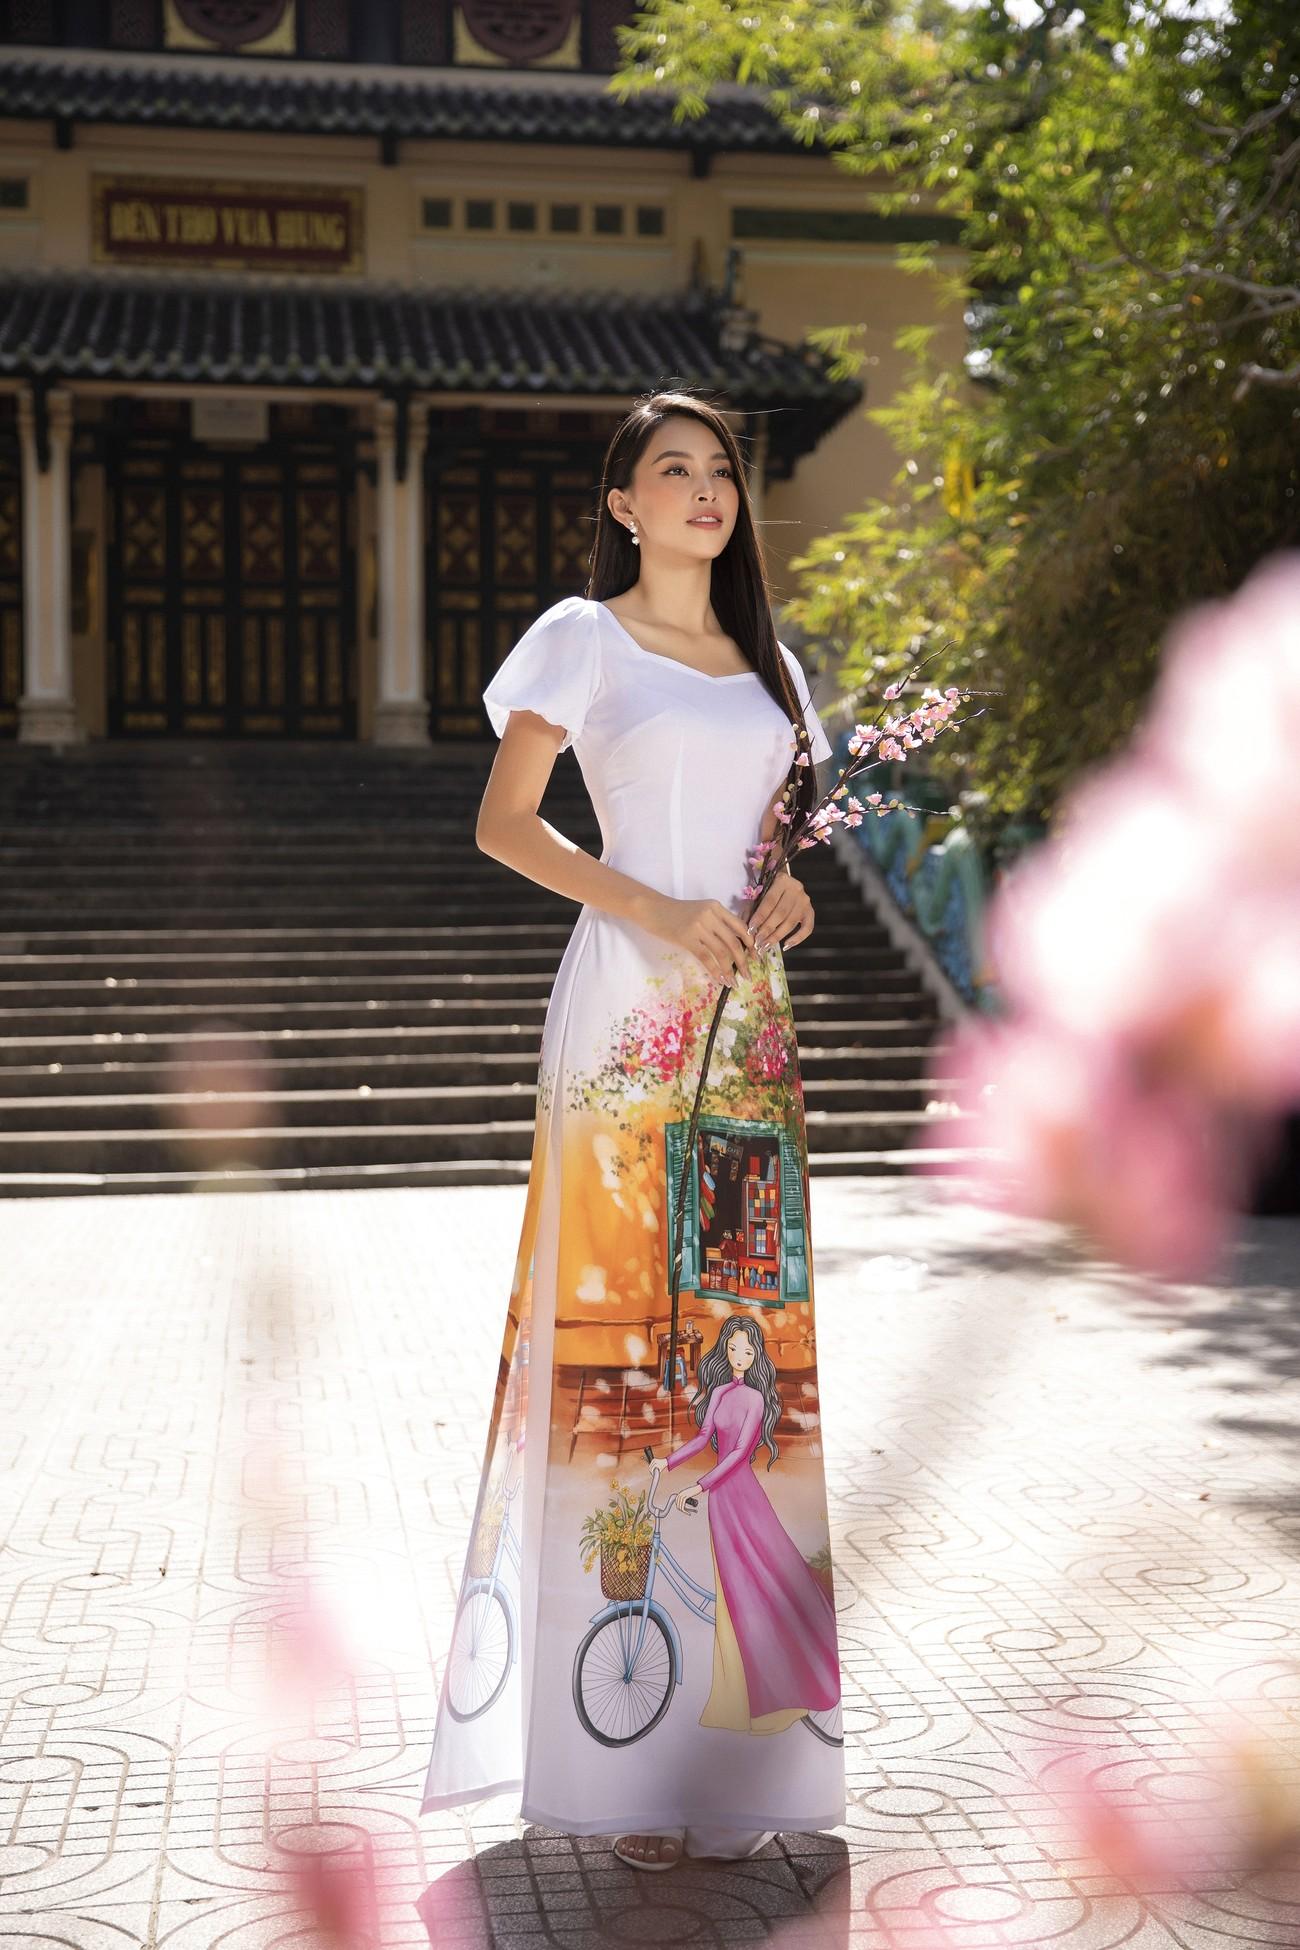 Hoa hậu Tiểu Vy khoe nhan sắc 'cực phẩm', đẹp tựa nàng thơ mùa xuân với áo dài Tết ảnh 5